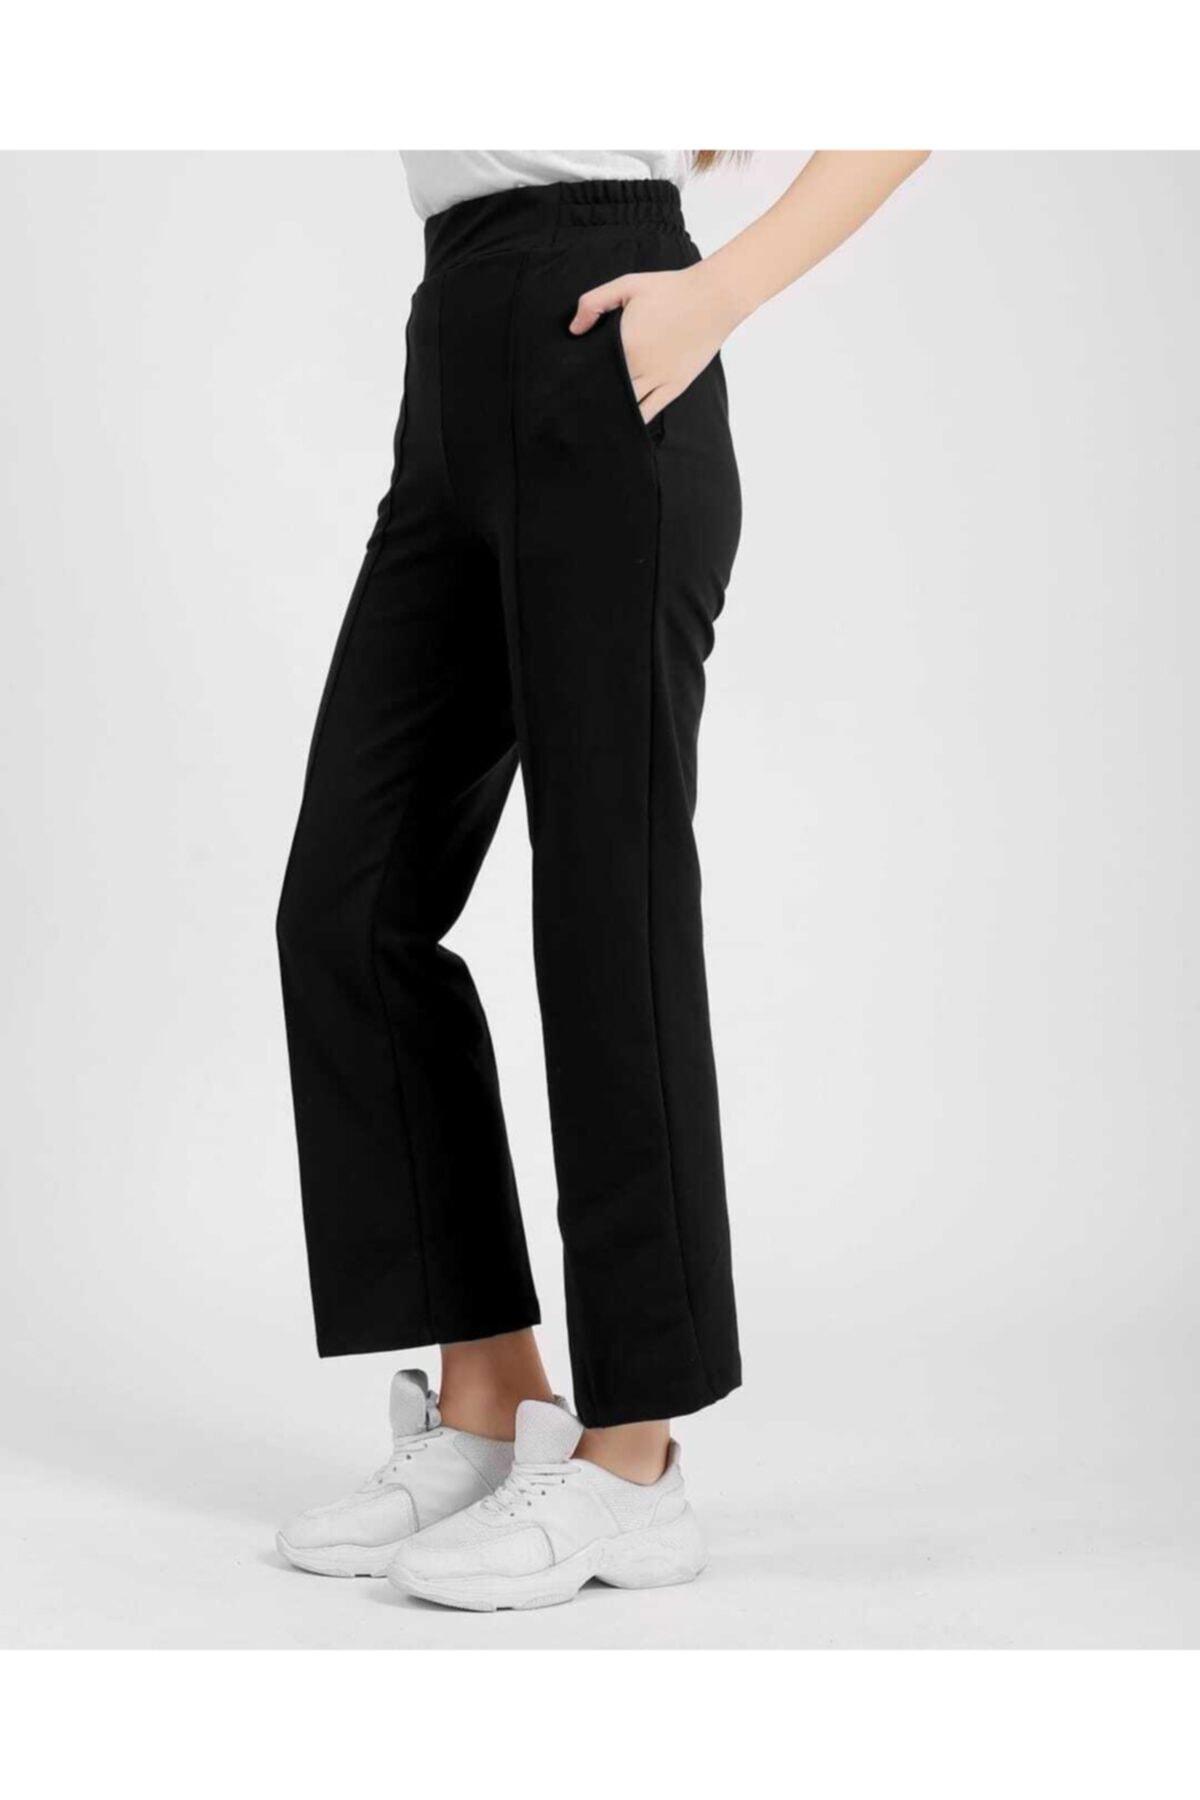 ZÜLEYHA NUR Kadın Siyah Likralı Beli Lastikli Trend Pantolon 1